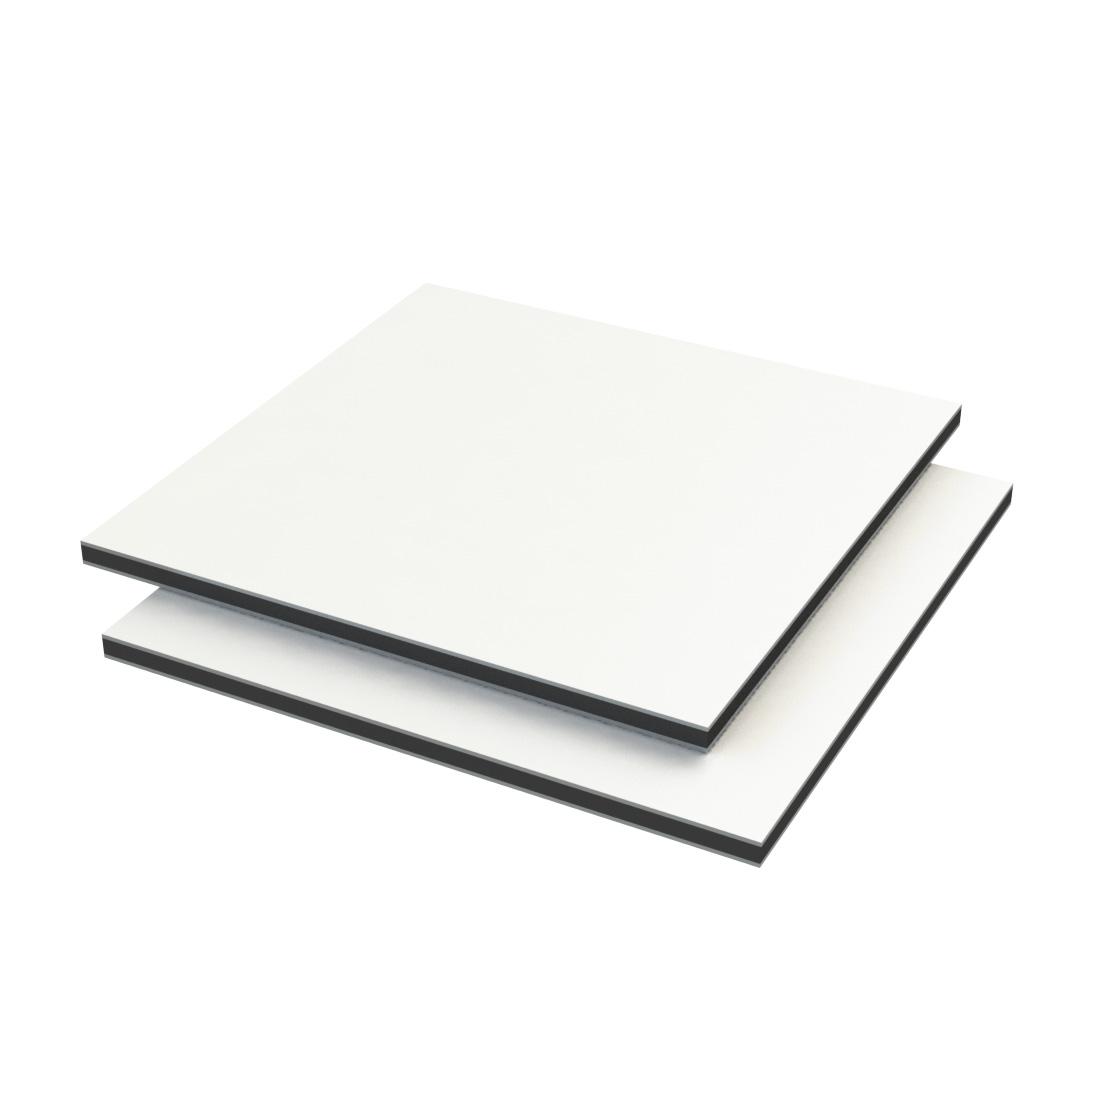 Vibond Aluminium /PE 35% glans Wit Bb6001/bb6001 3050x1500x2mm